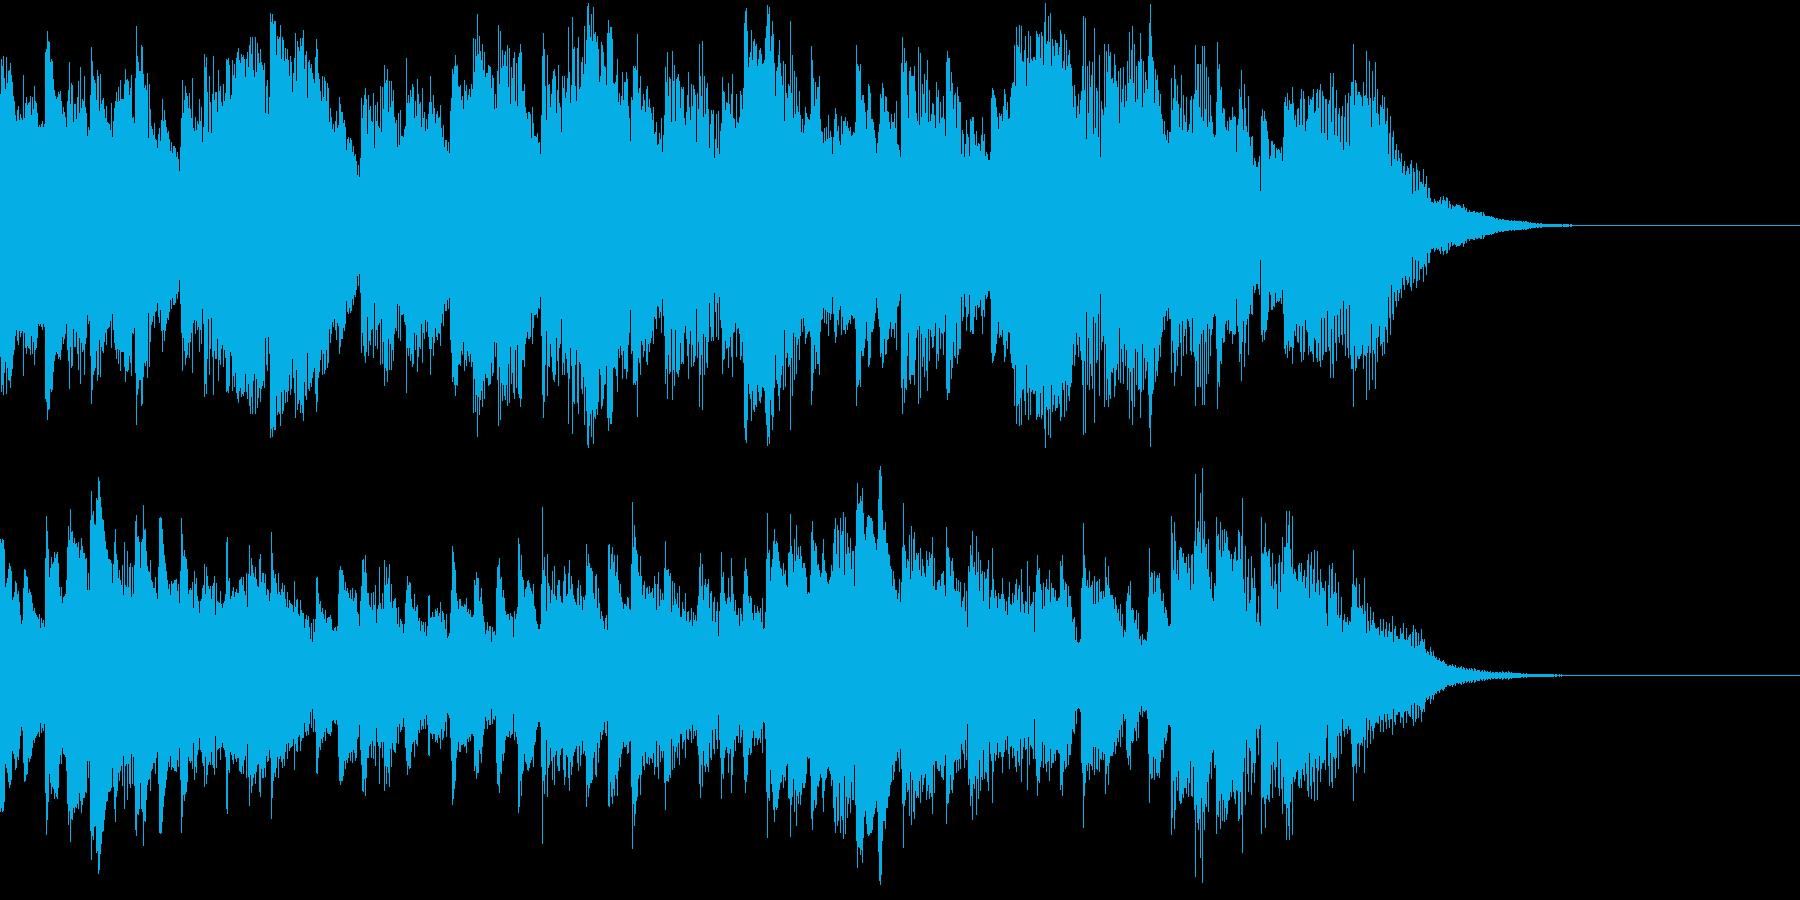 過去を思い返す柔らかいピアノインストの再生済みの波形